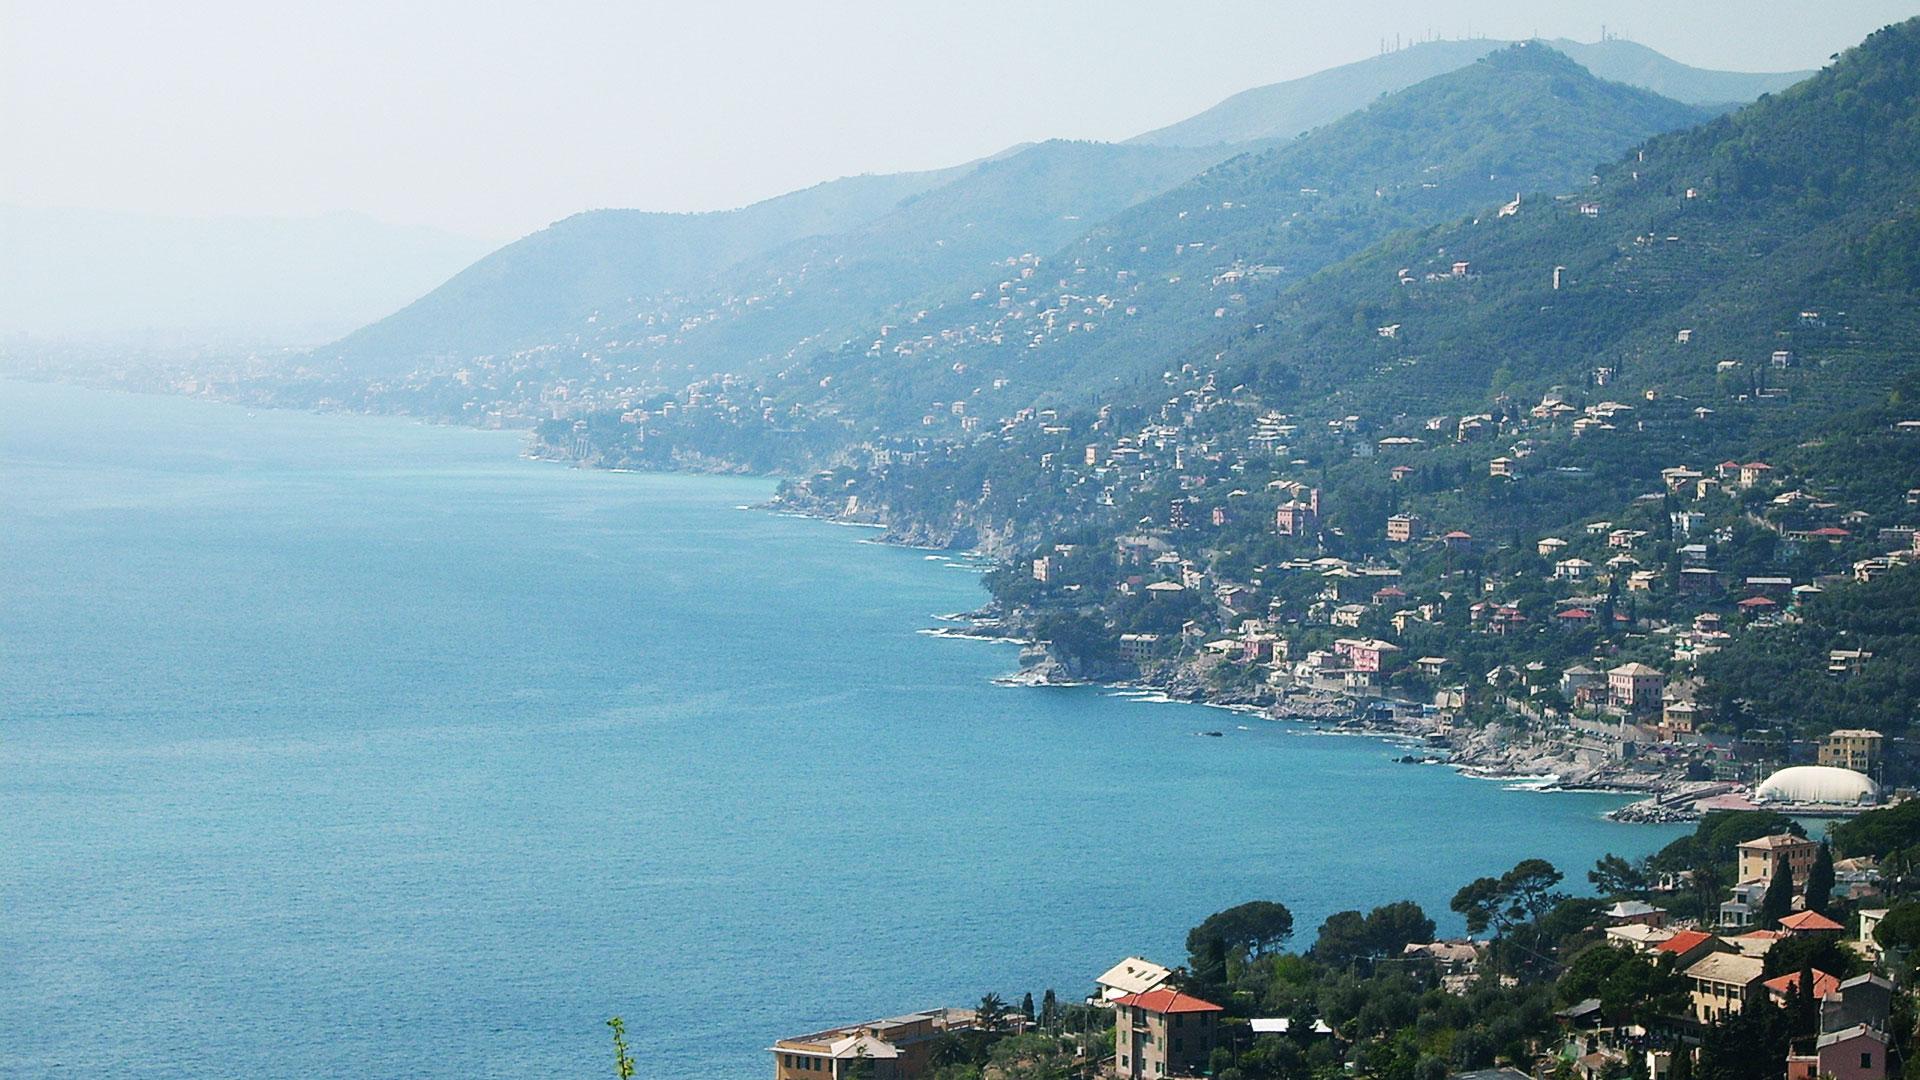 El golfo Paradiso es un pequeño golfo italiano situado en la ribera oriental del golfo de Génova en la región de Liguria